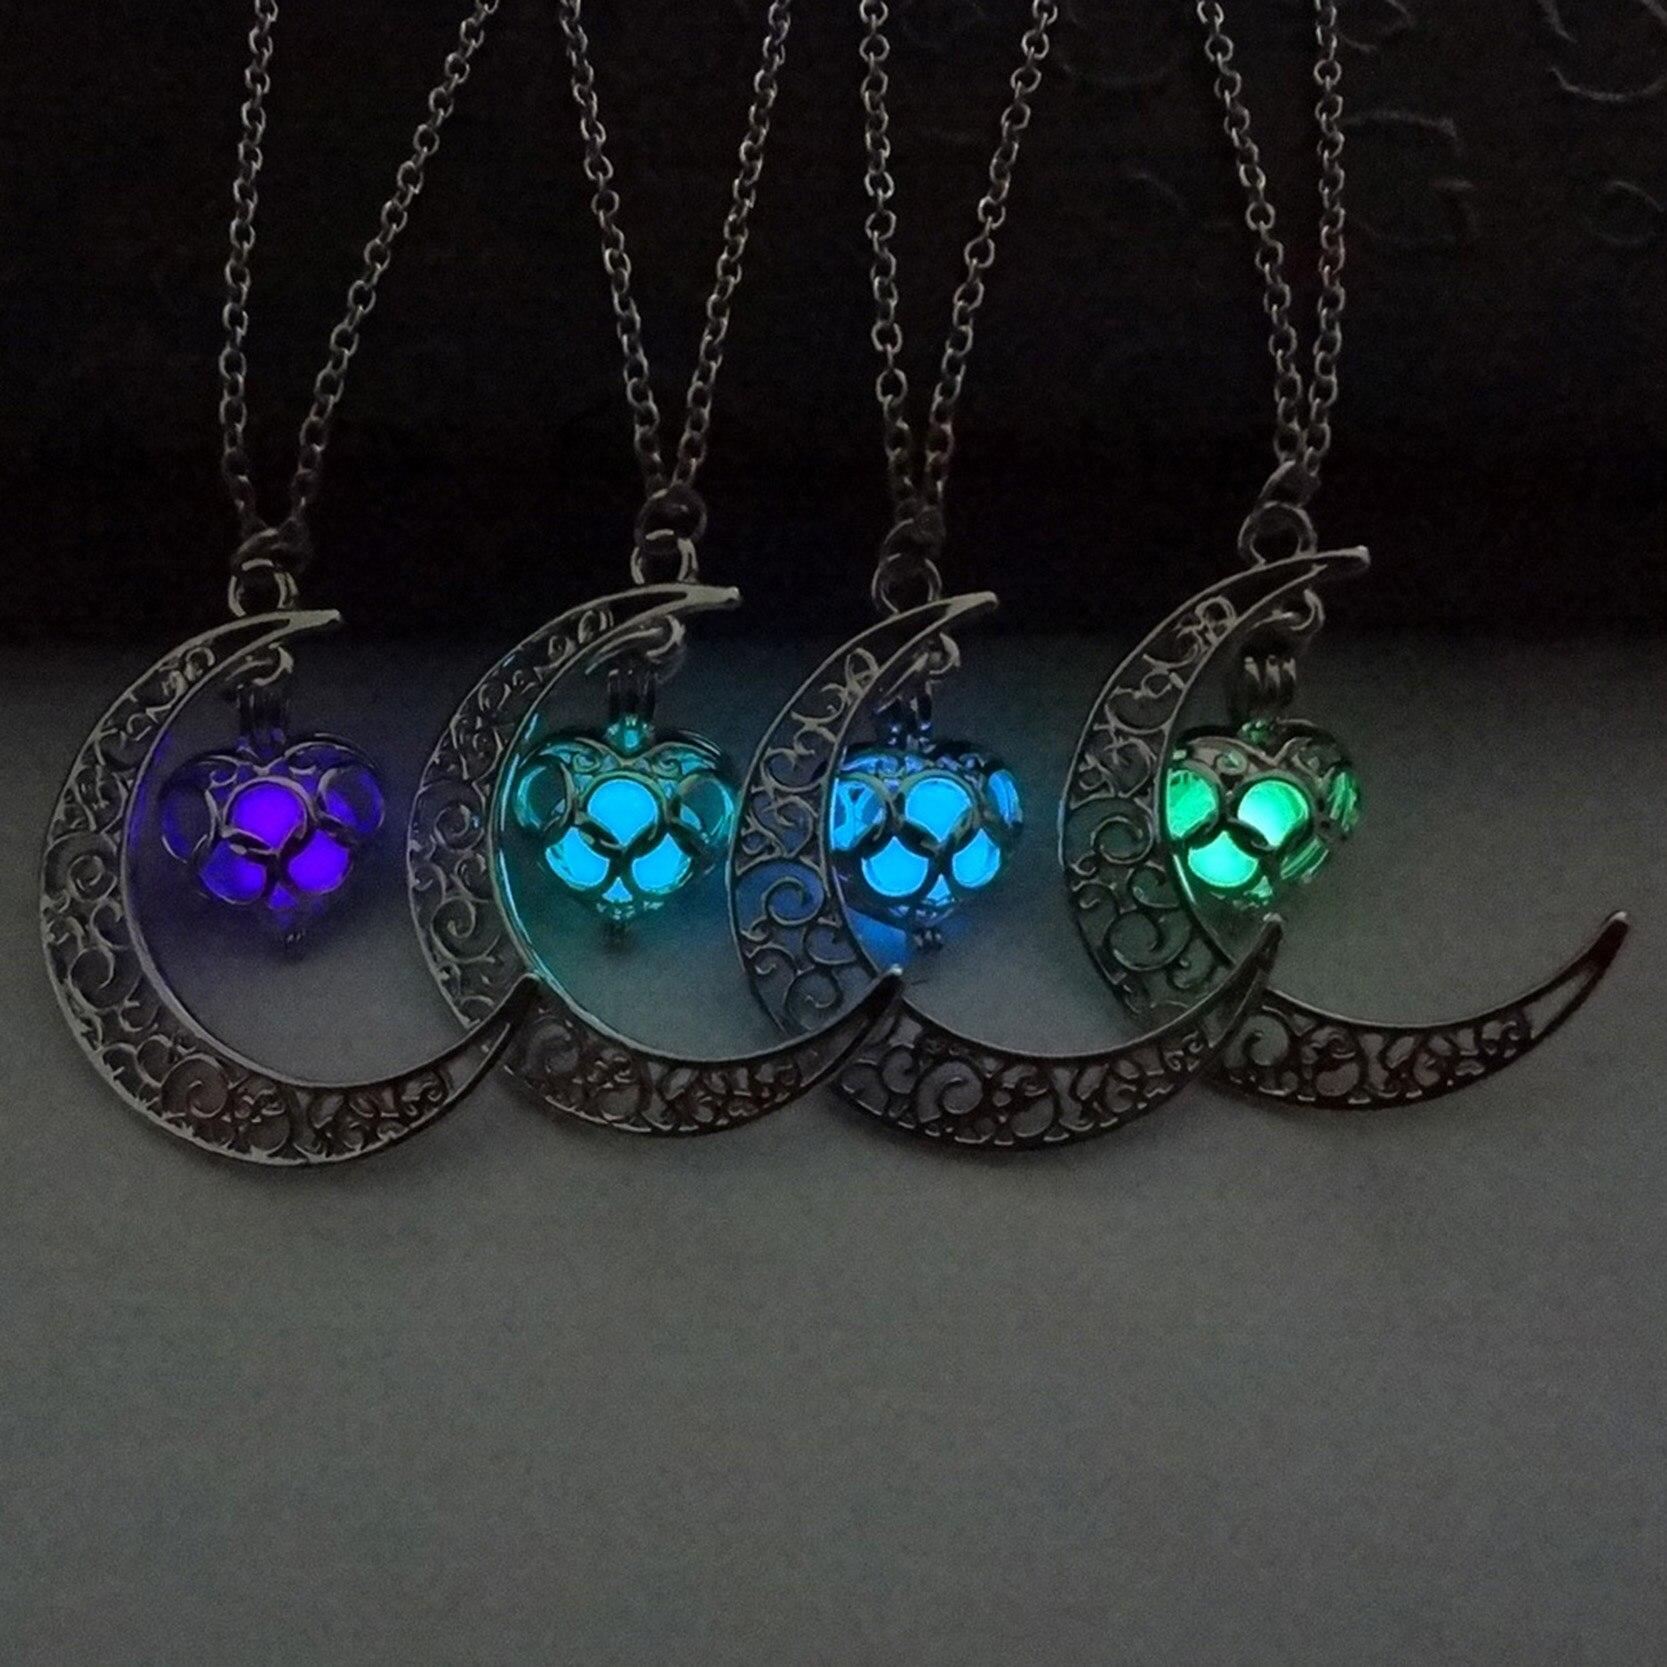 2016 Светящиеся В Темноте Кулон Ожерелья Посеребренные Цепи Ожерелья Полые Луна и Сердце Колье Колье Ожерелье Ювелирные Изделия